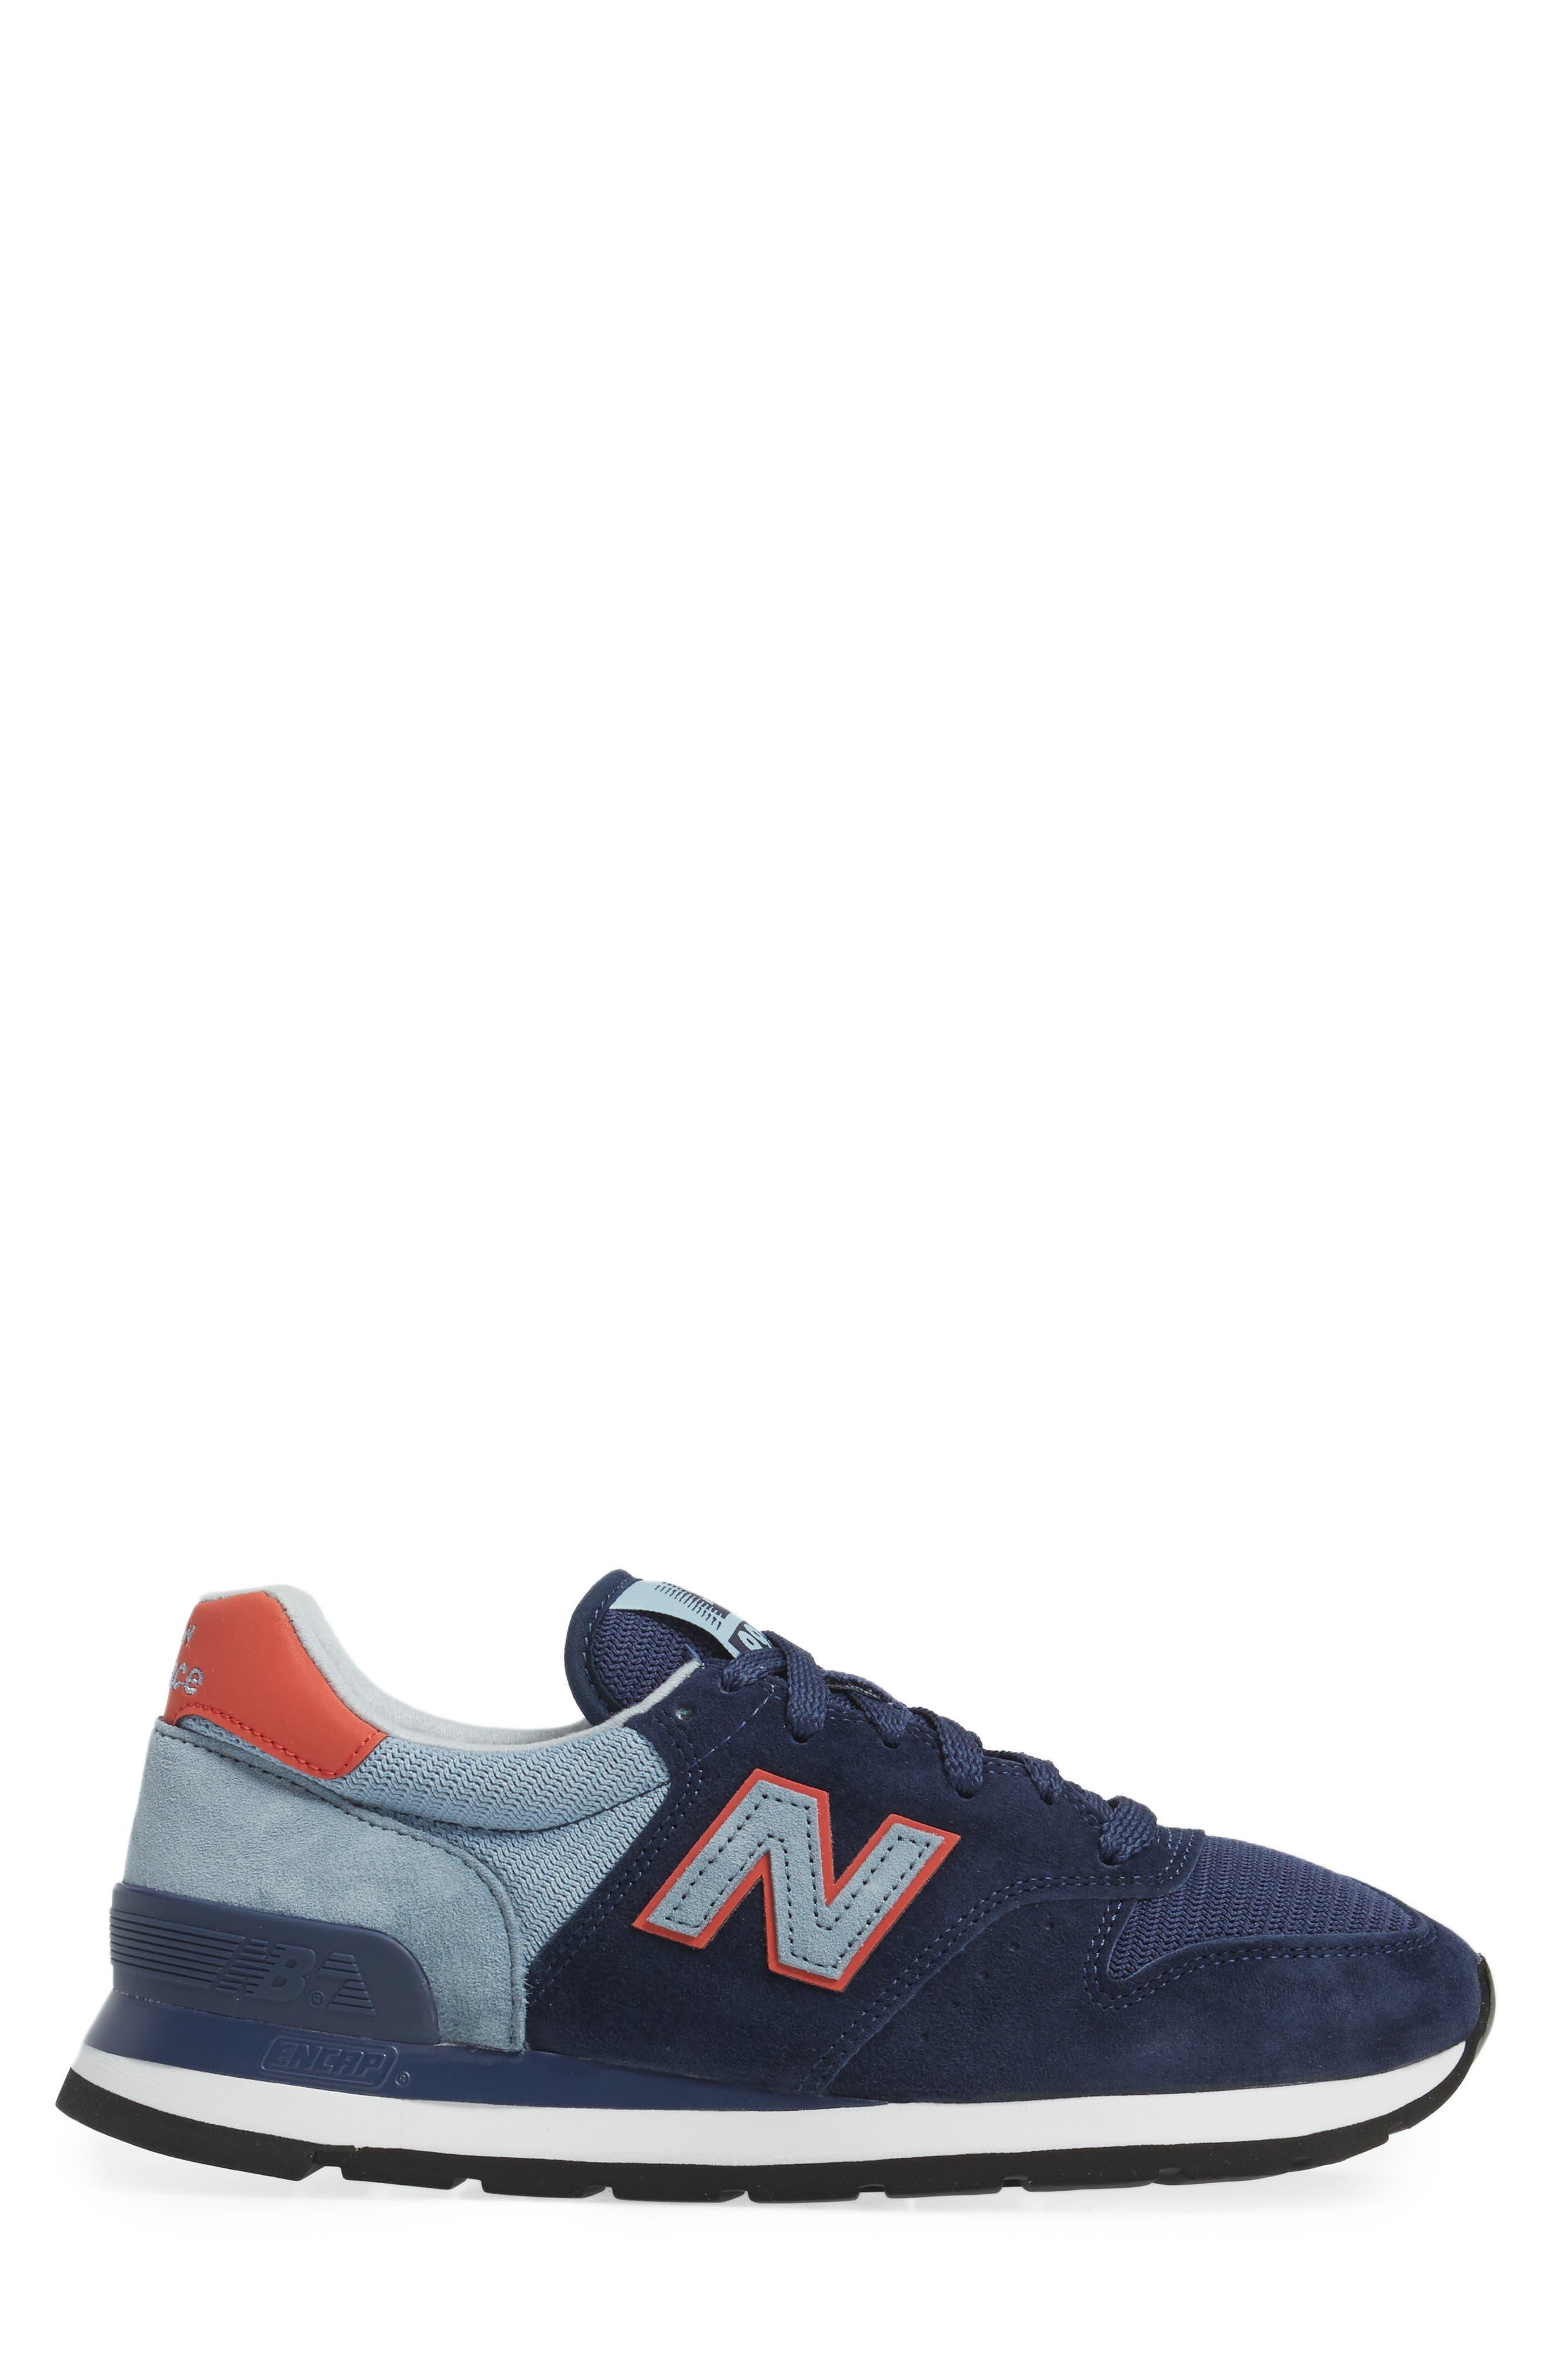 995 Sneaker,                             Alternate thumbnail 3, color,